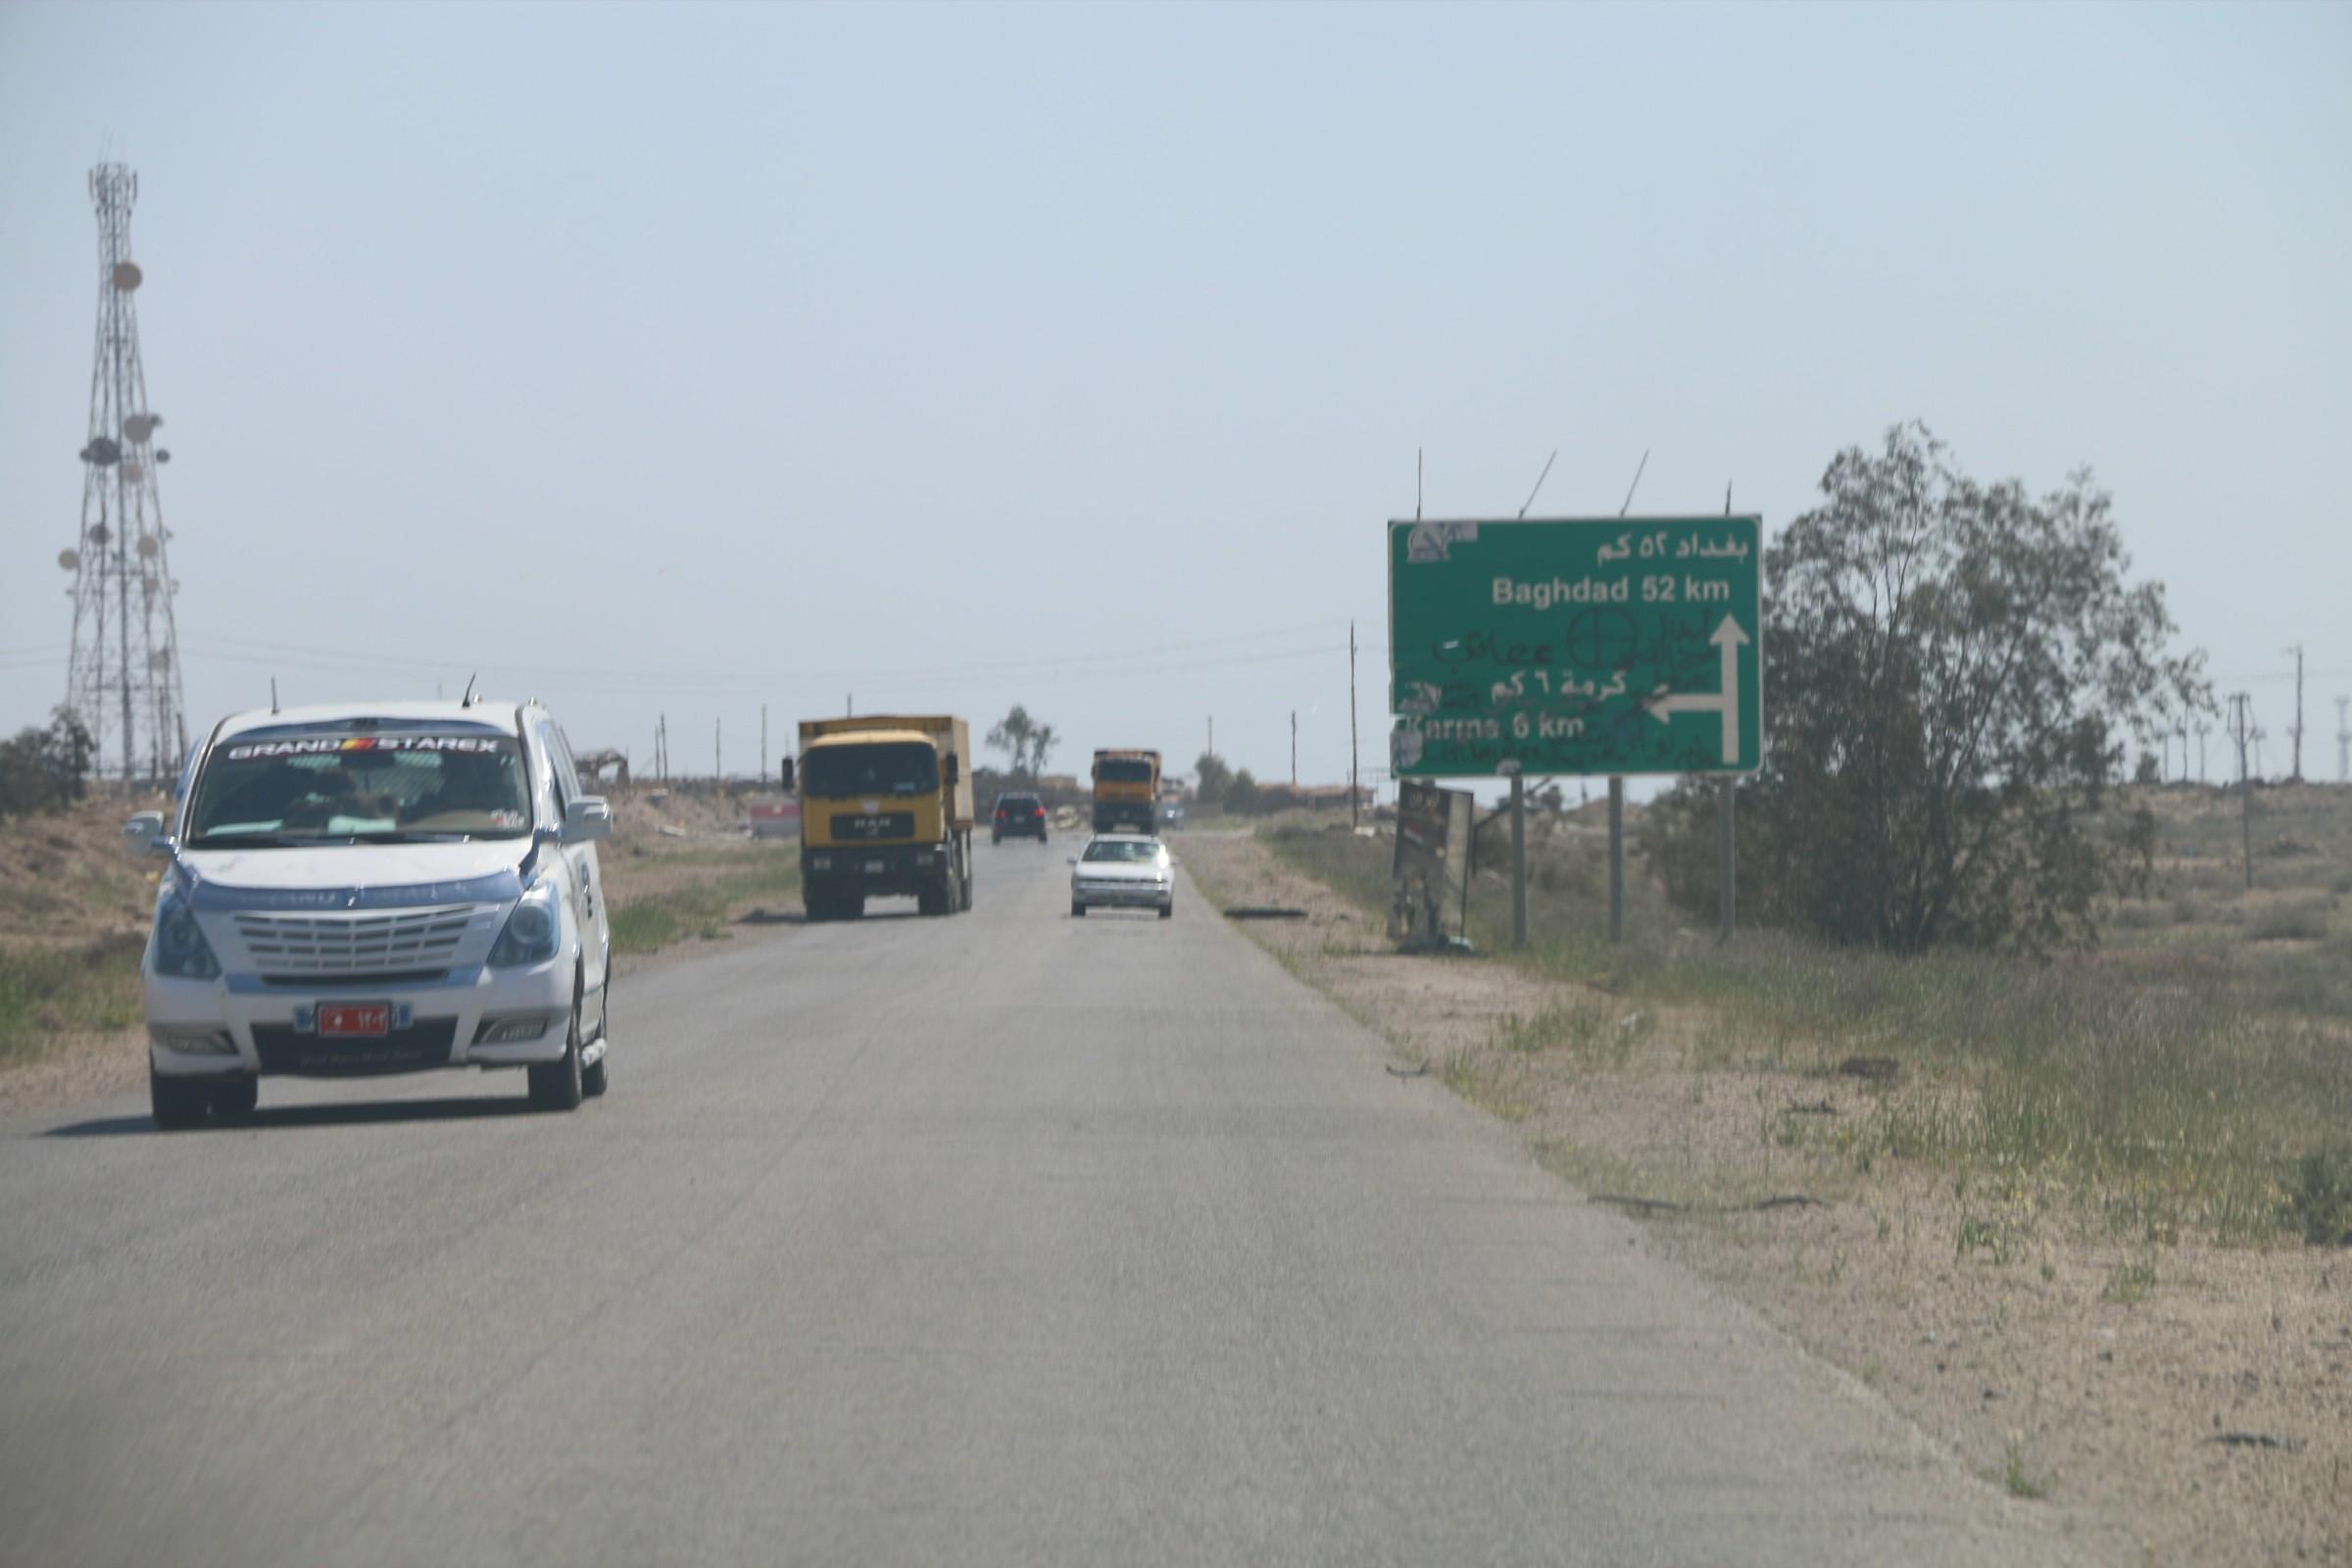 مسؤول أنباري يعلن الاتفاق على إعادة النازحين لمناطق حزام بغداد بالكرمة